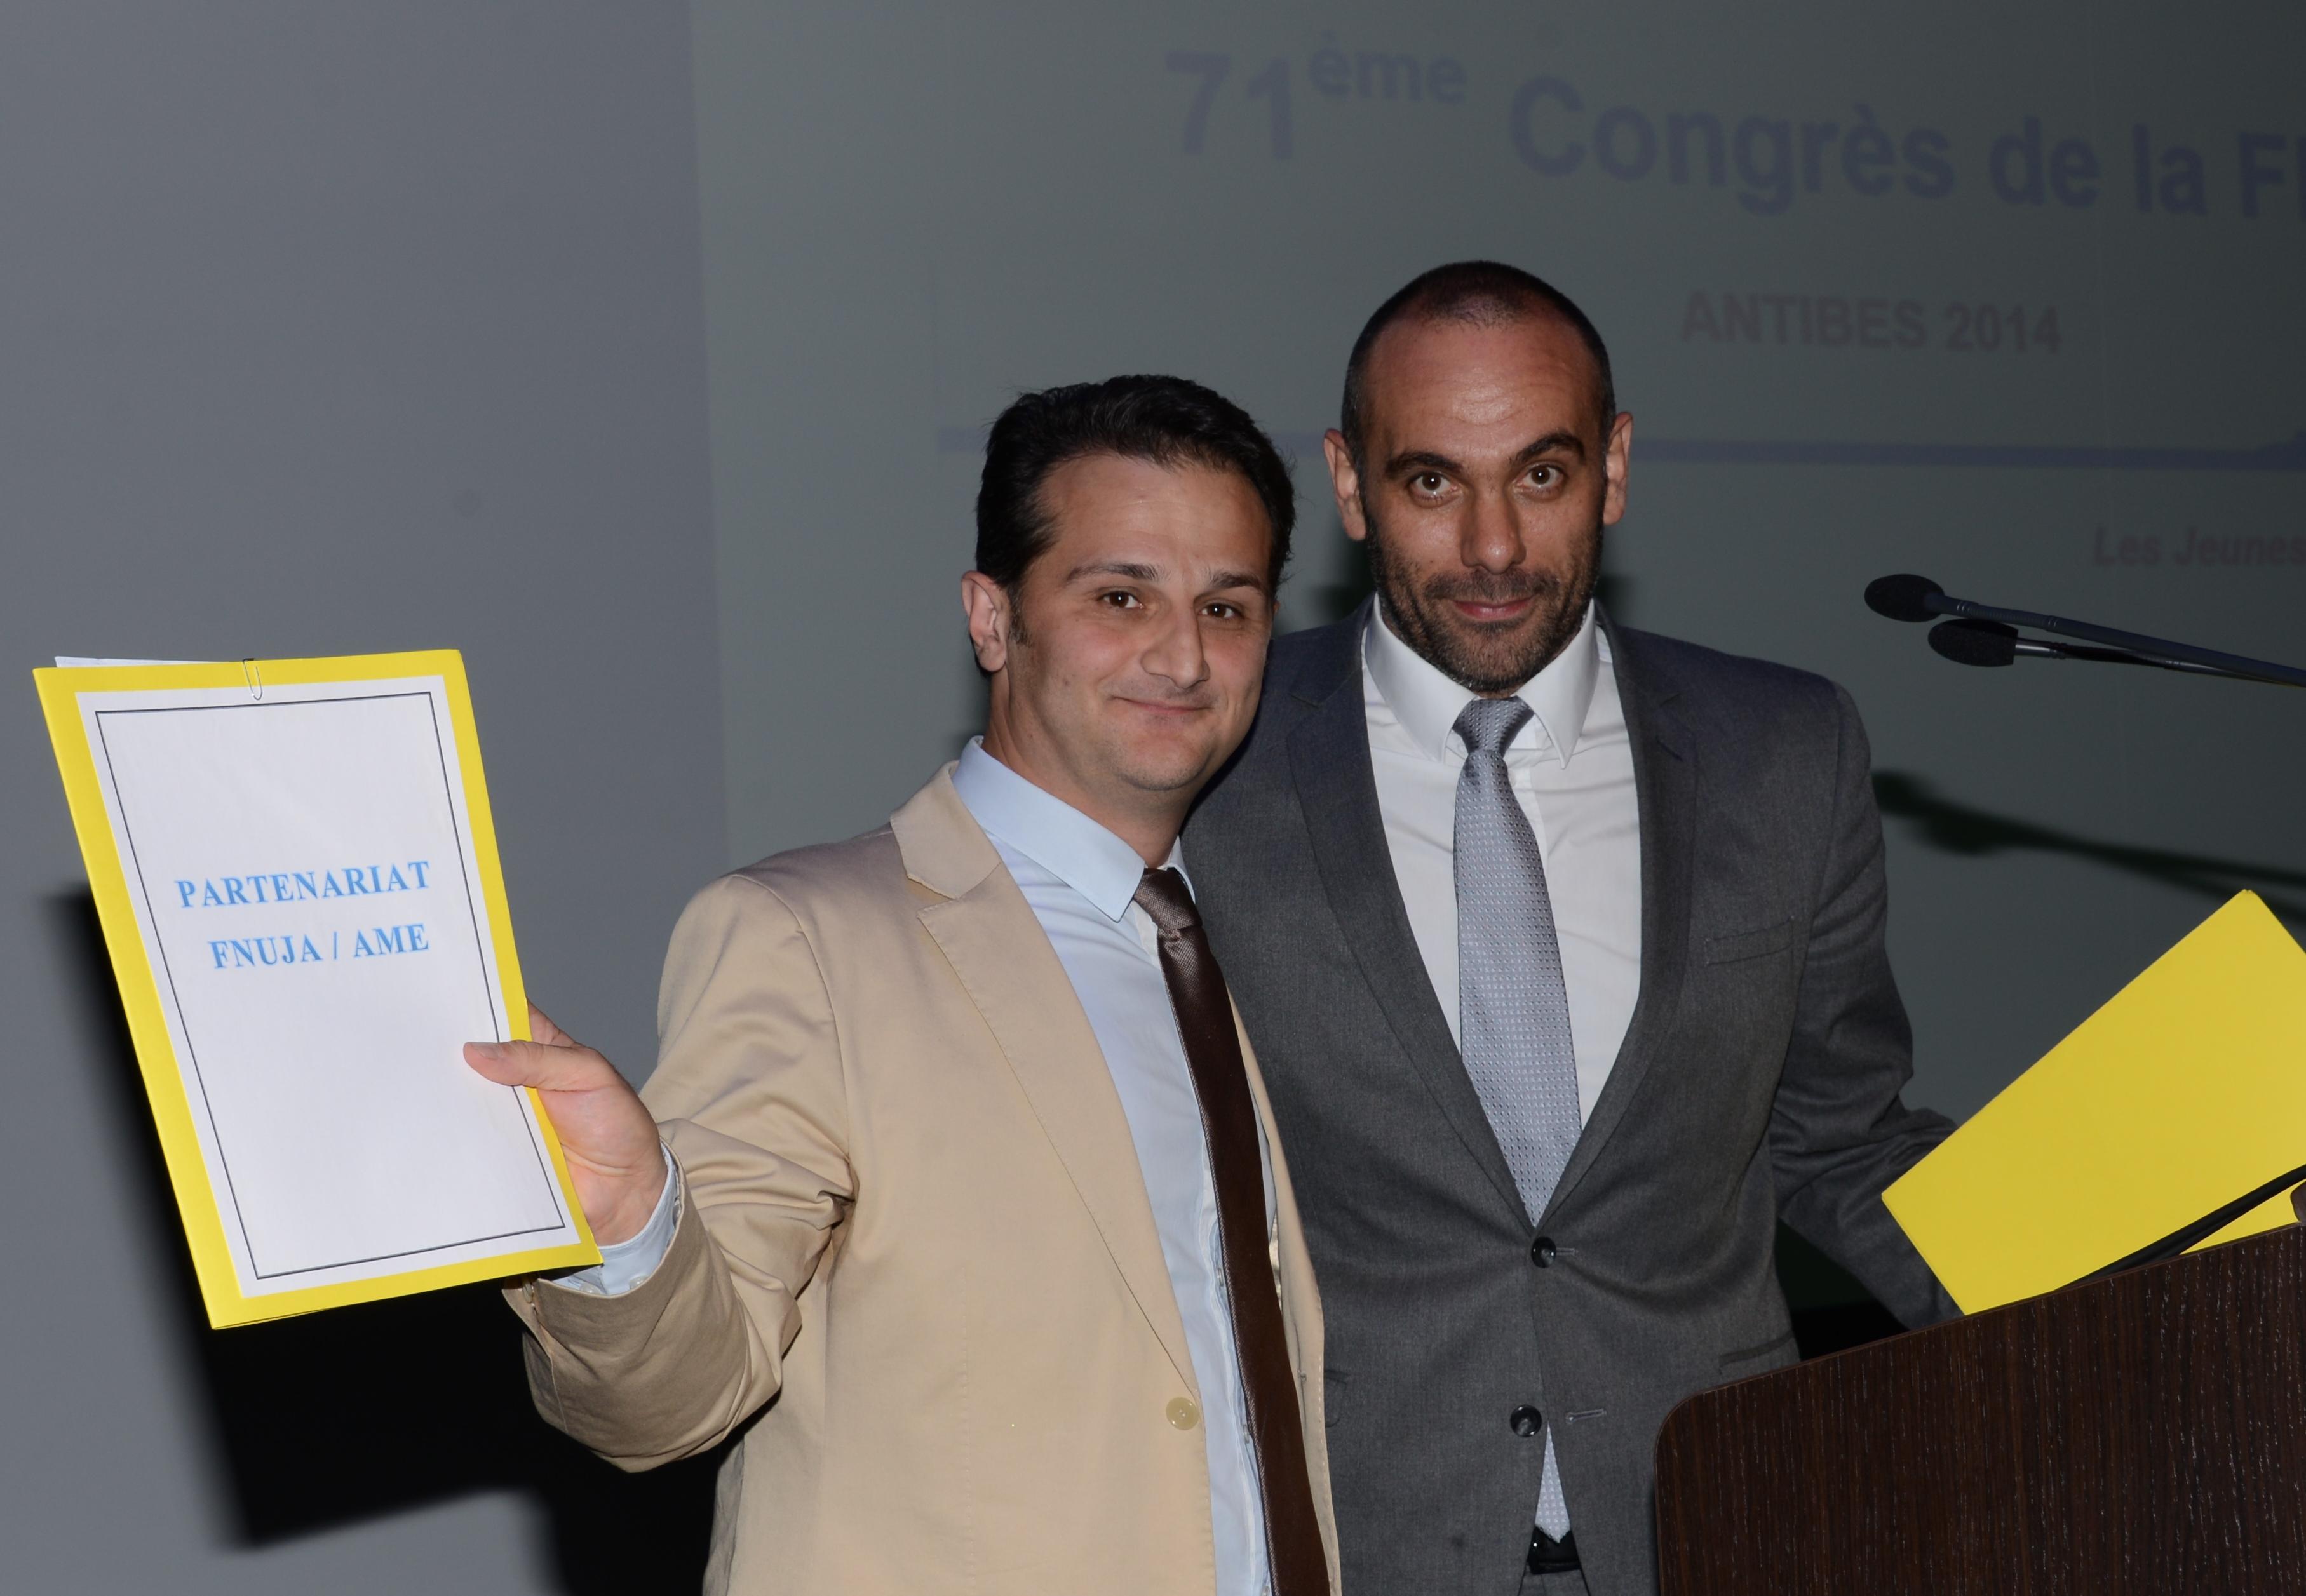 Hirbod DEHGHANI-AZAR, Président de l'AME et Roland RODRIGUEZ, Président (2013/2014) de la FNUJA